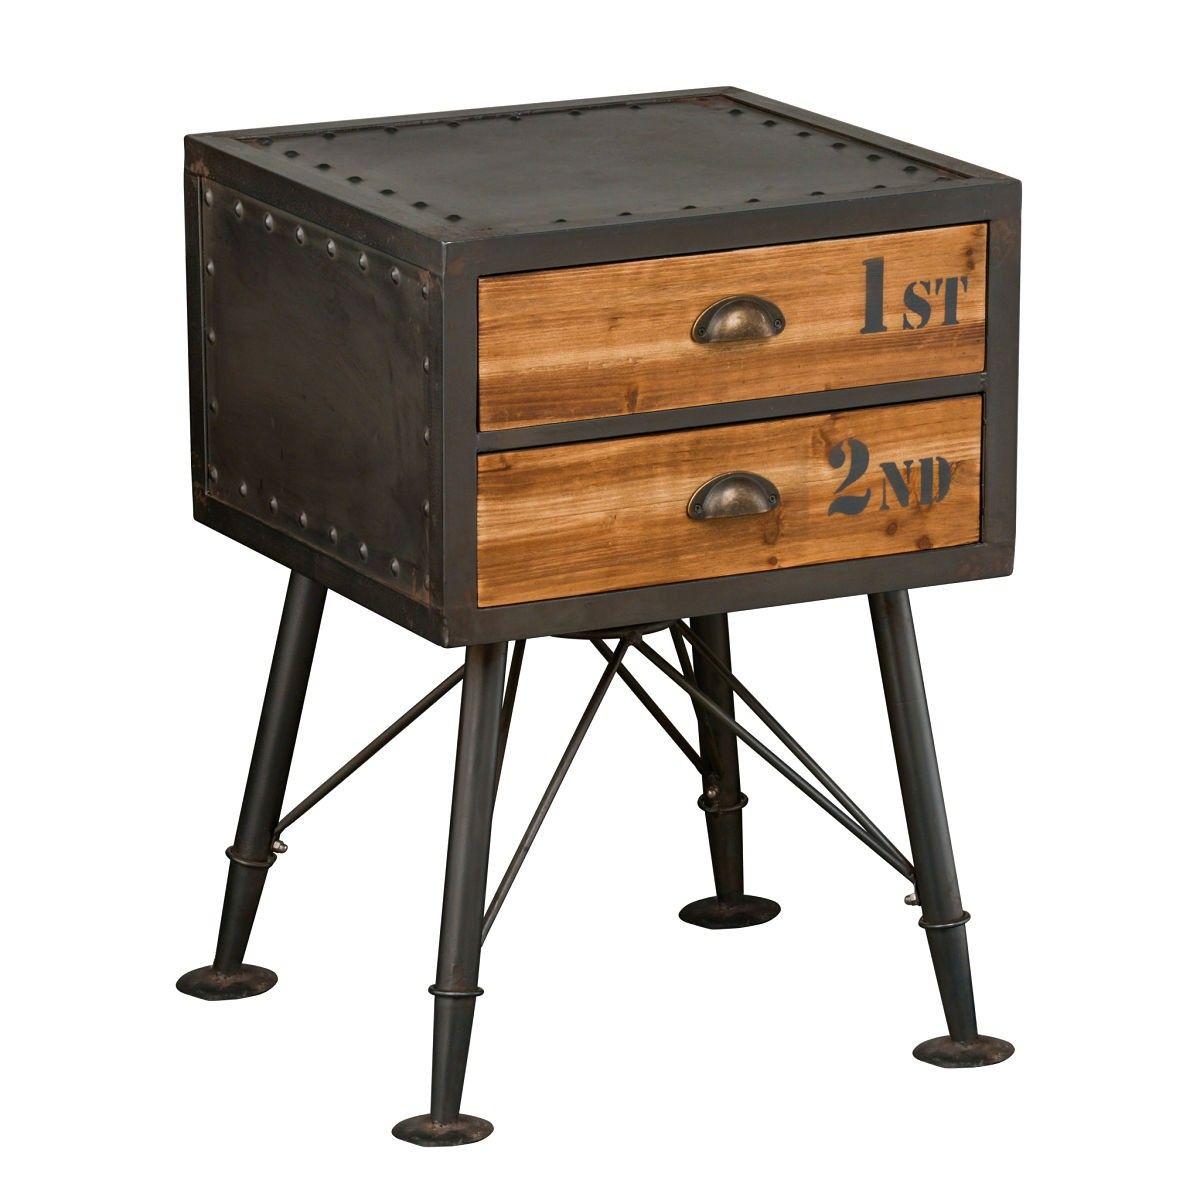 Find Vintage Industrial bedside Cabinet & Industrial Bedside Table